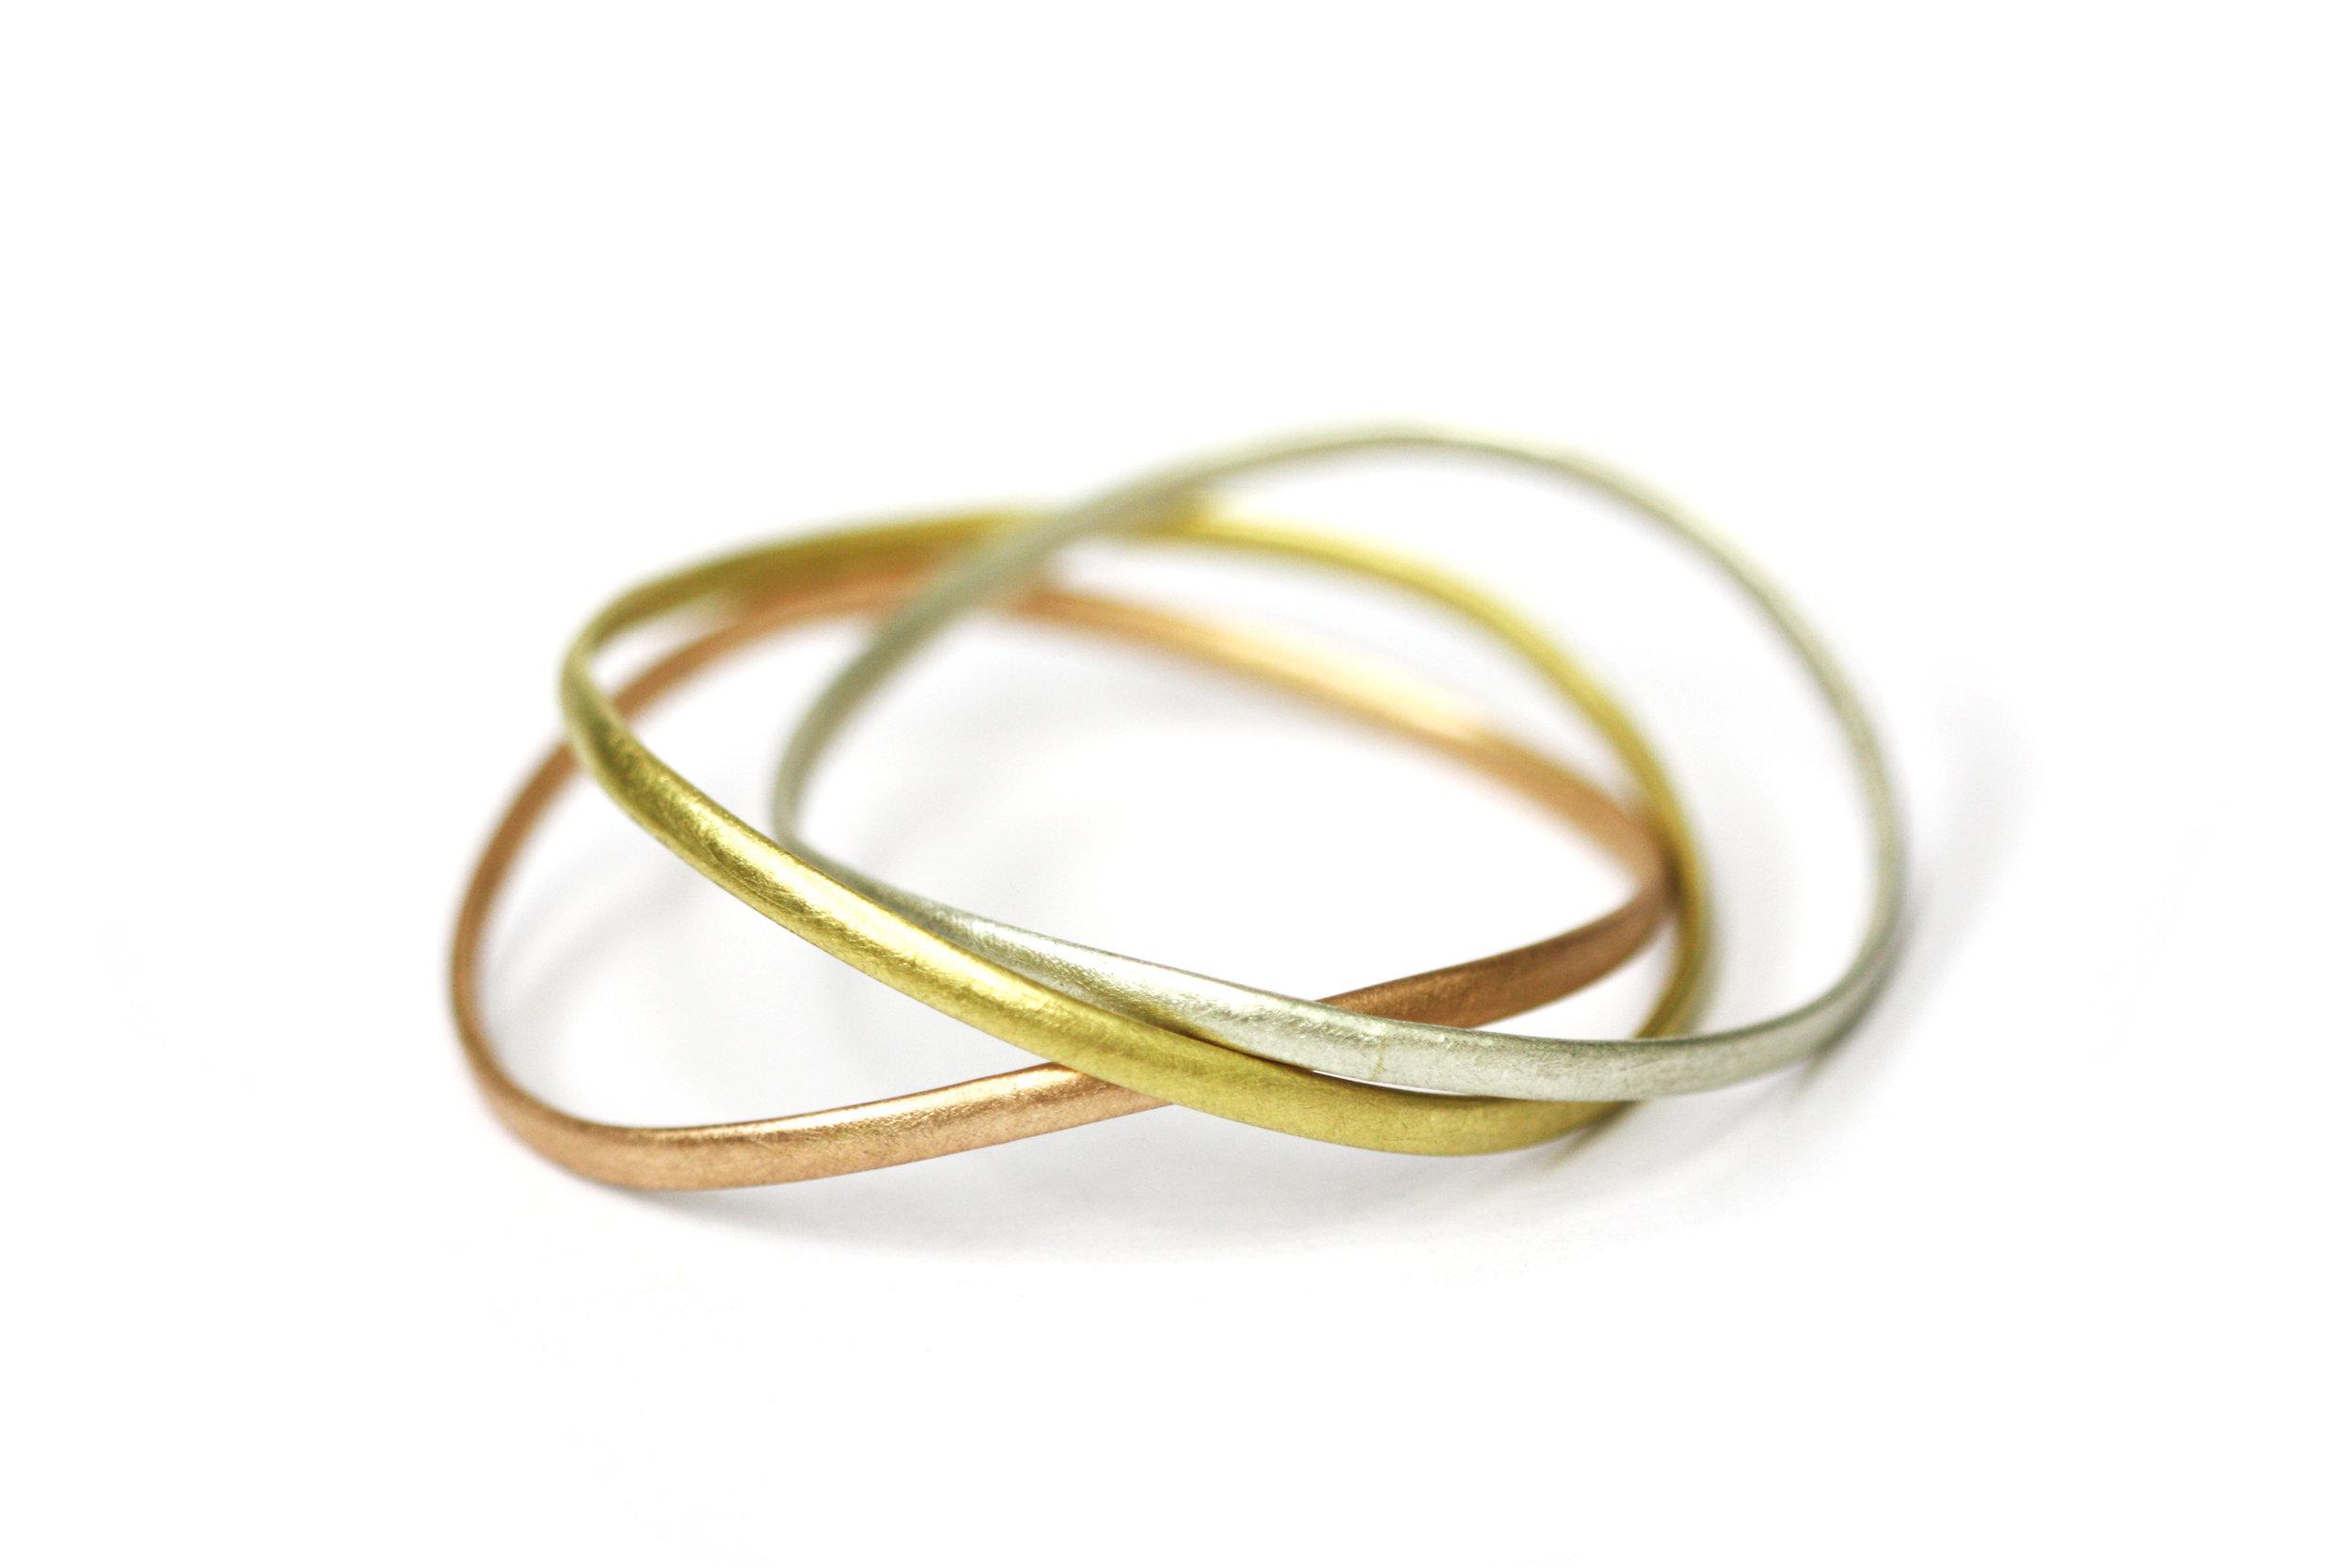 Gold Curve Bangles